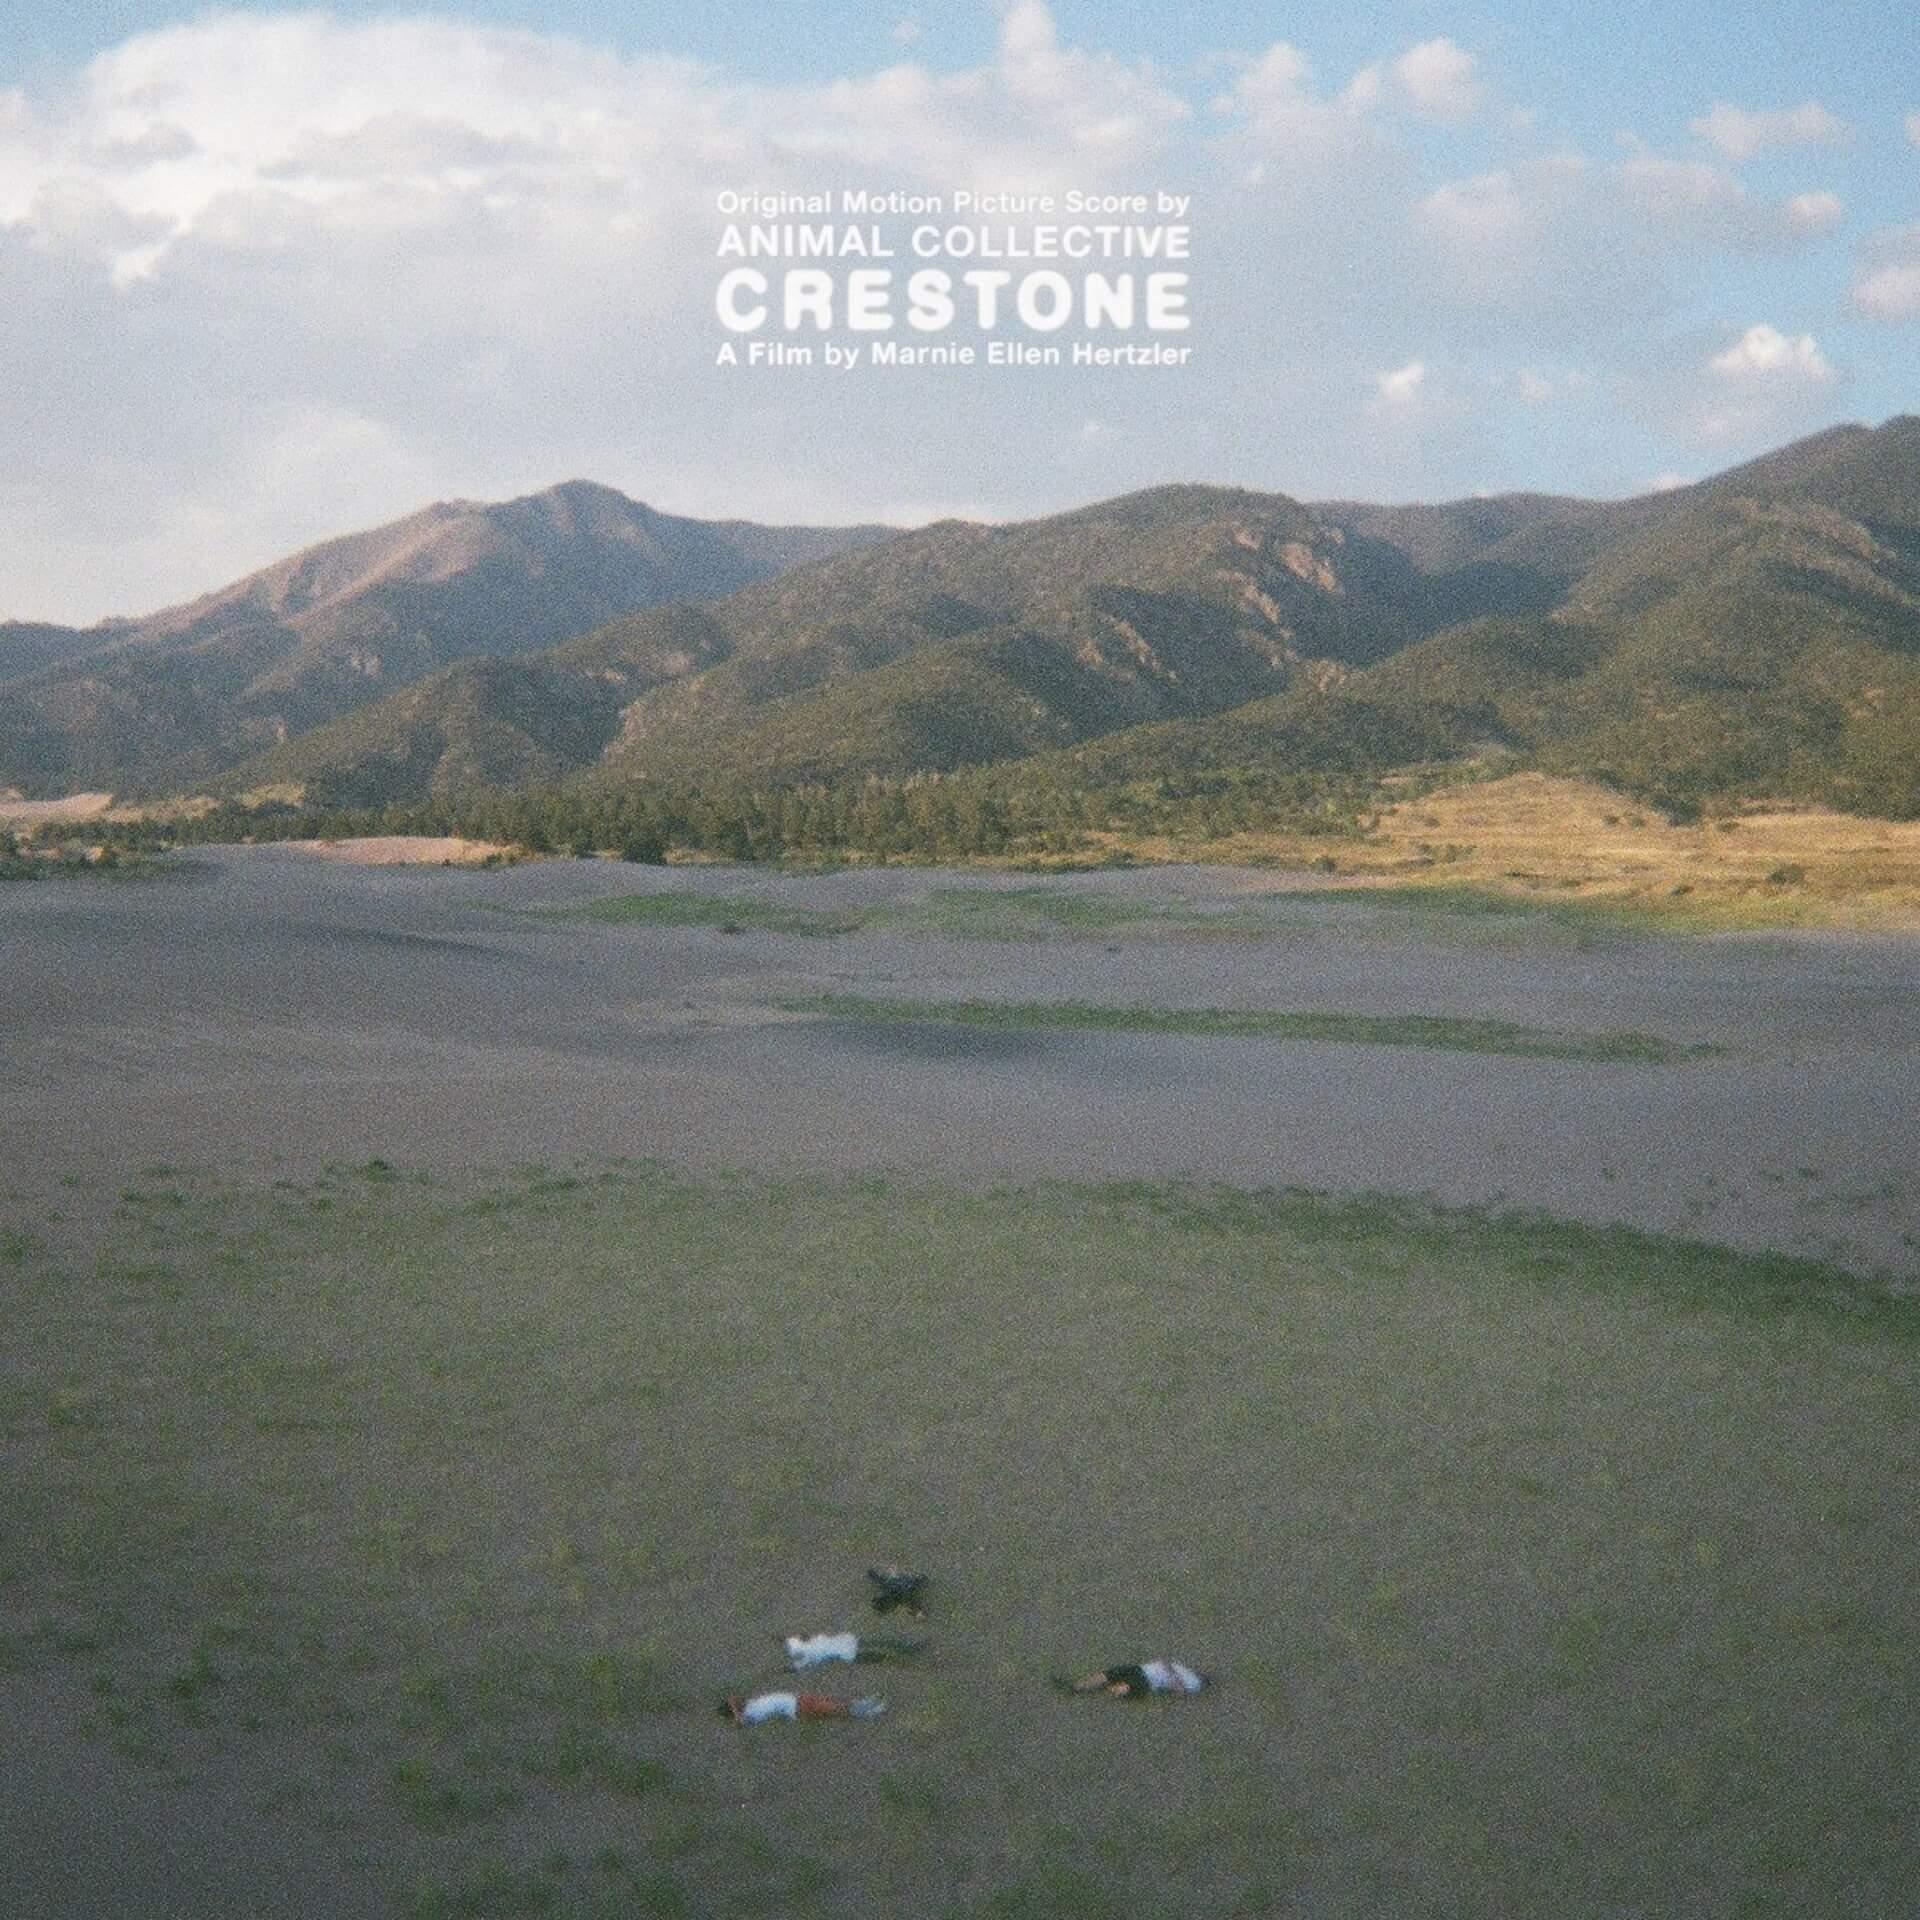 マリファナを育てながら音楽を作るラッパーたちを追った長編映画『Crestone』でAnimal Collectiveが初の映画スコアを担当!サントラもデジタルリリース決定 music210118_animalcollective-02